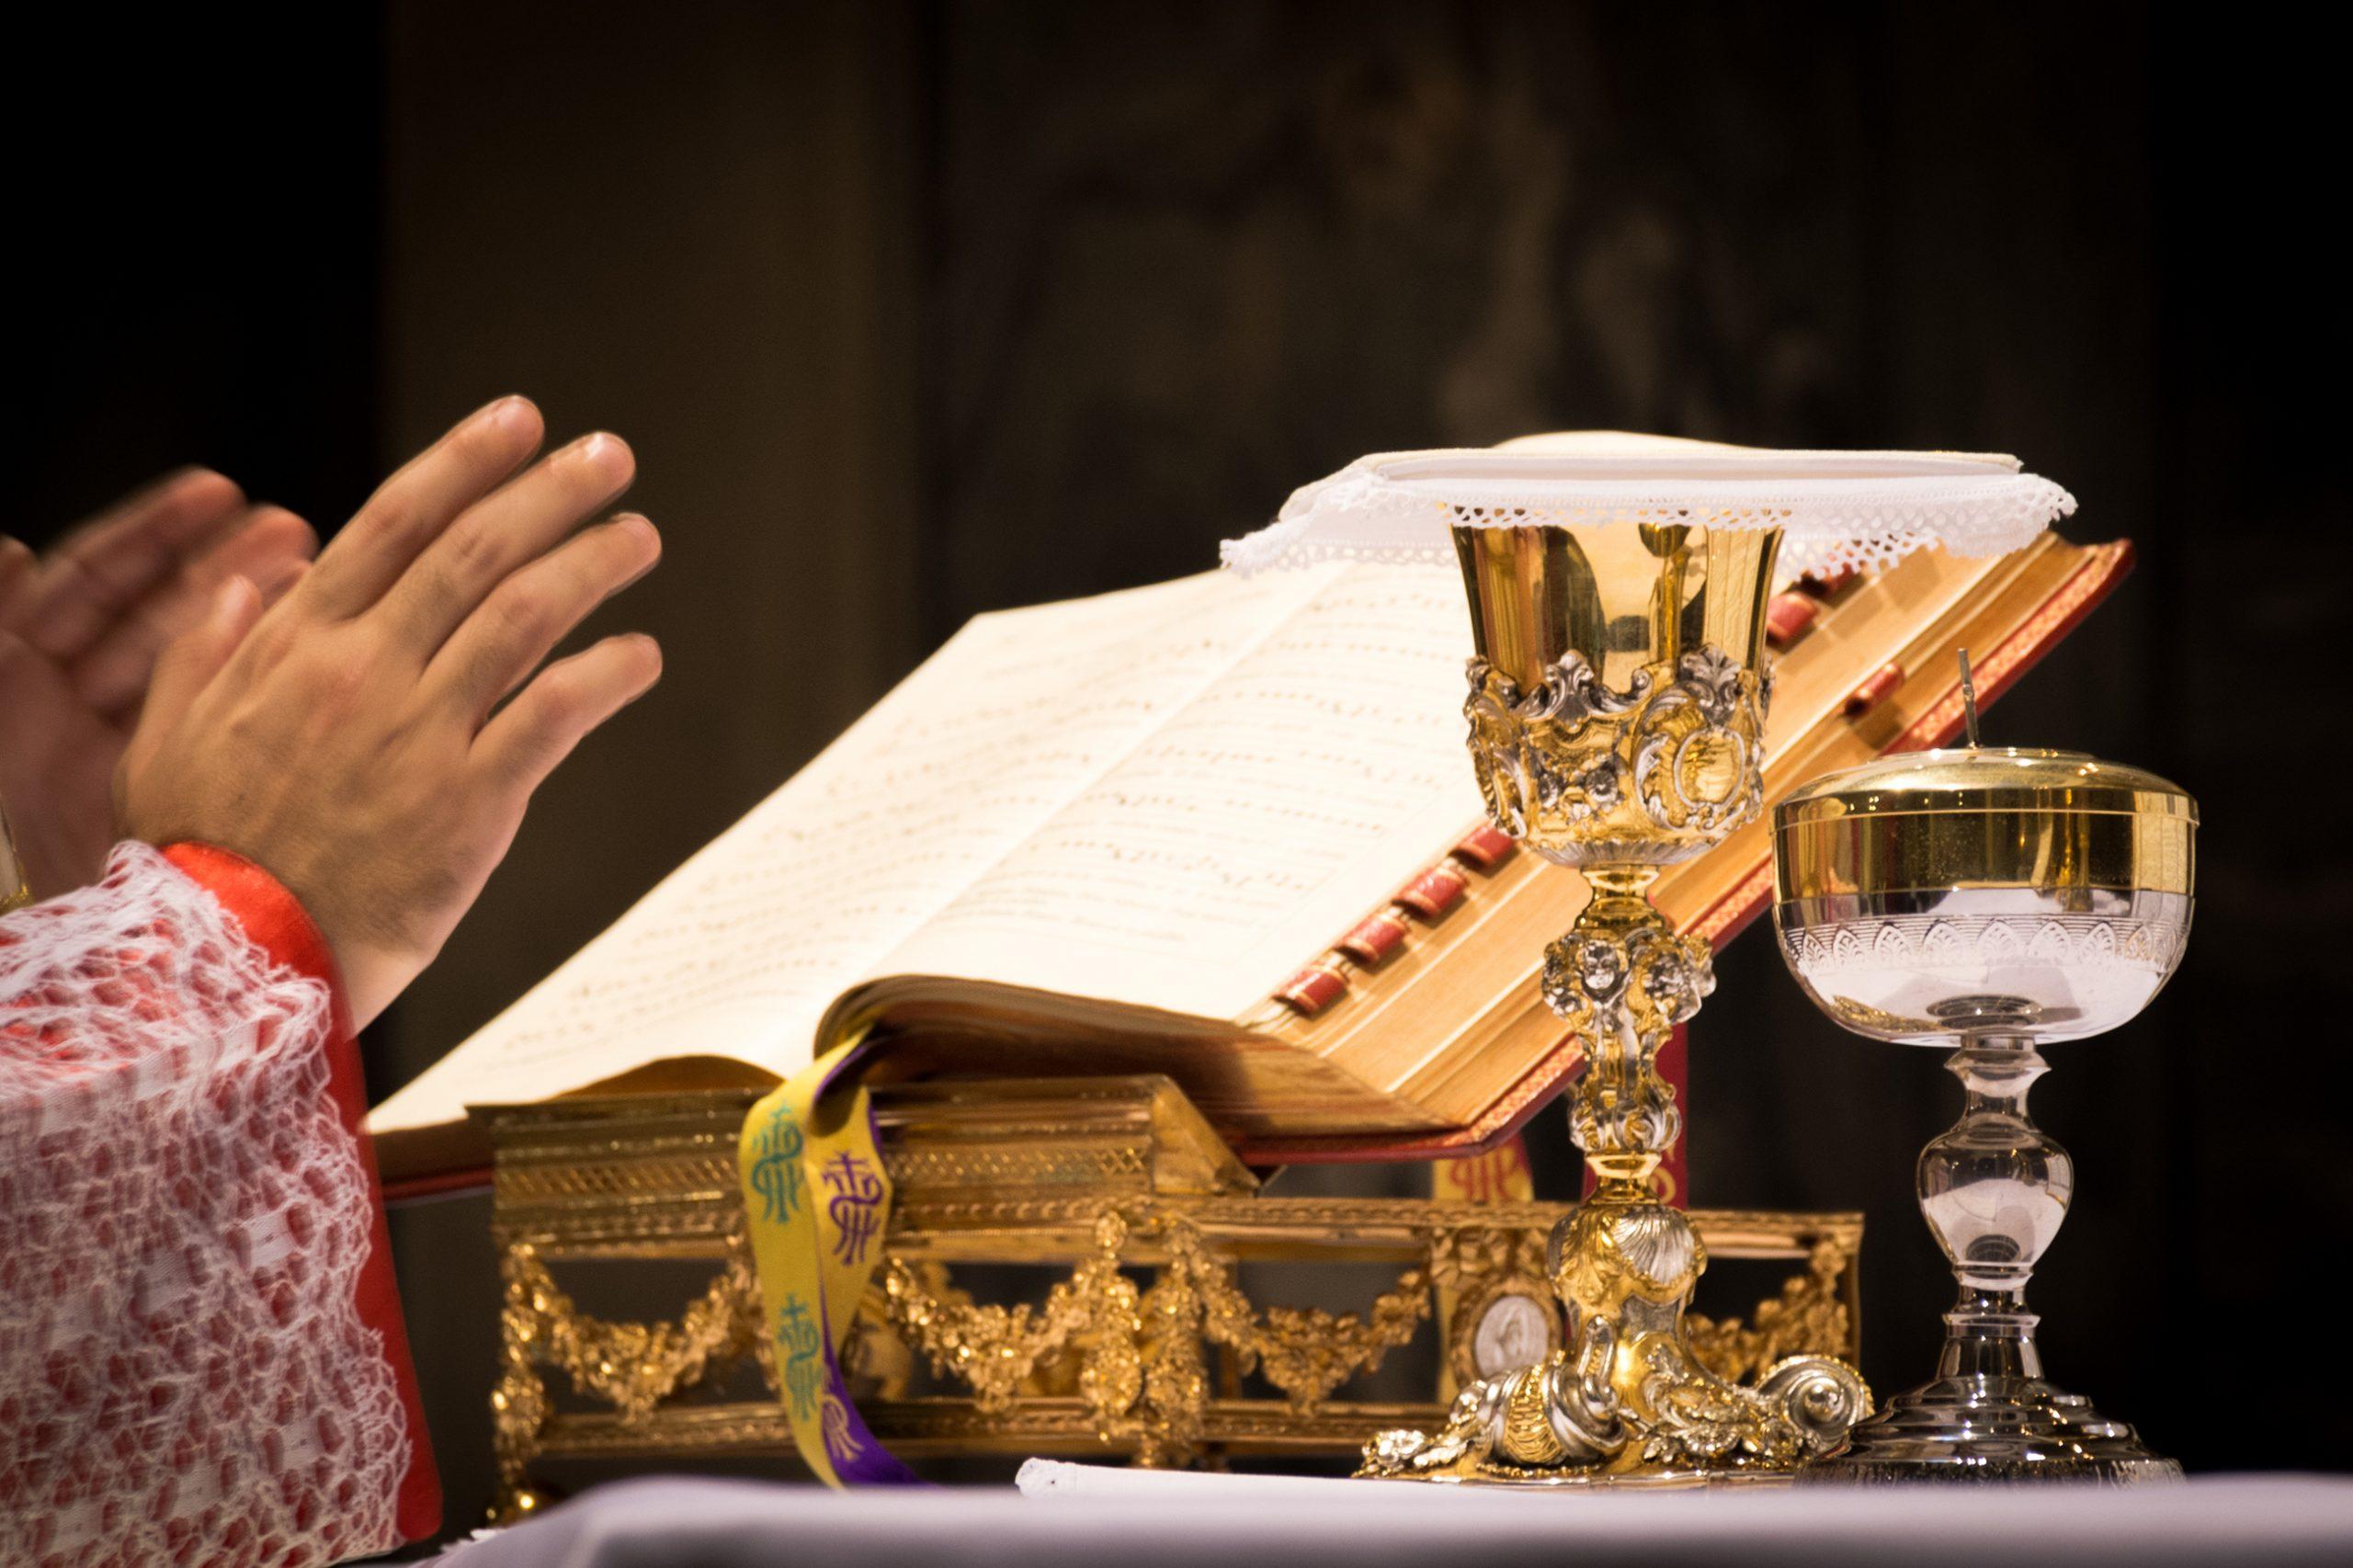 Sveta Stolica odobrila je posebnu molitvu za Veliki petak te svetu misu 'u vrijeme pandemije'